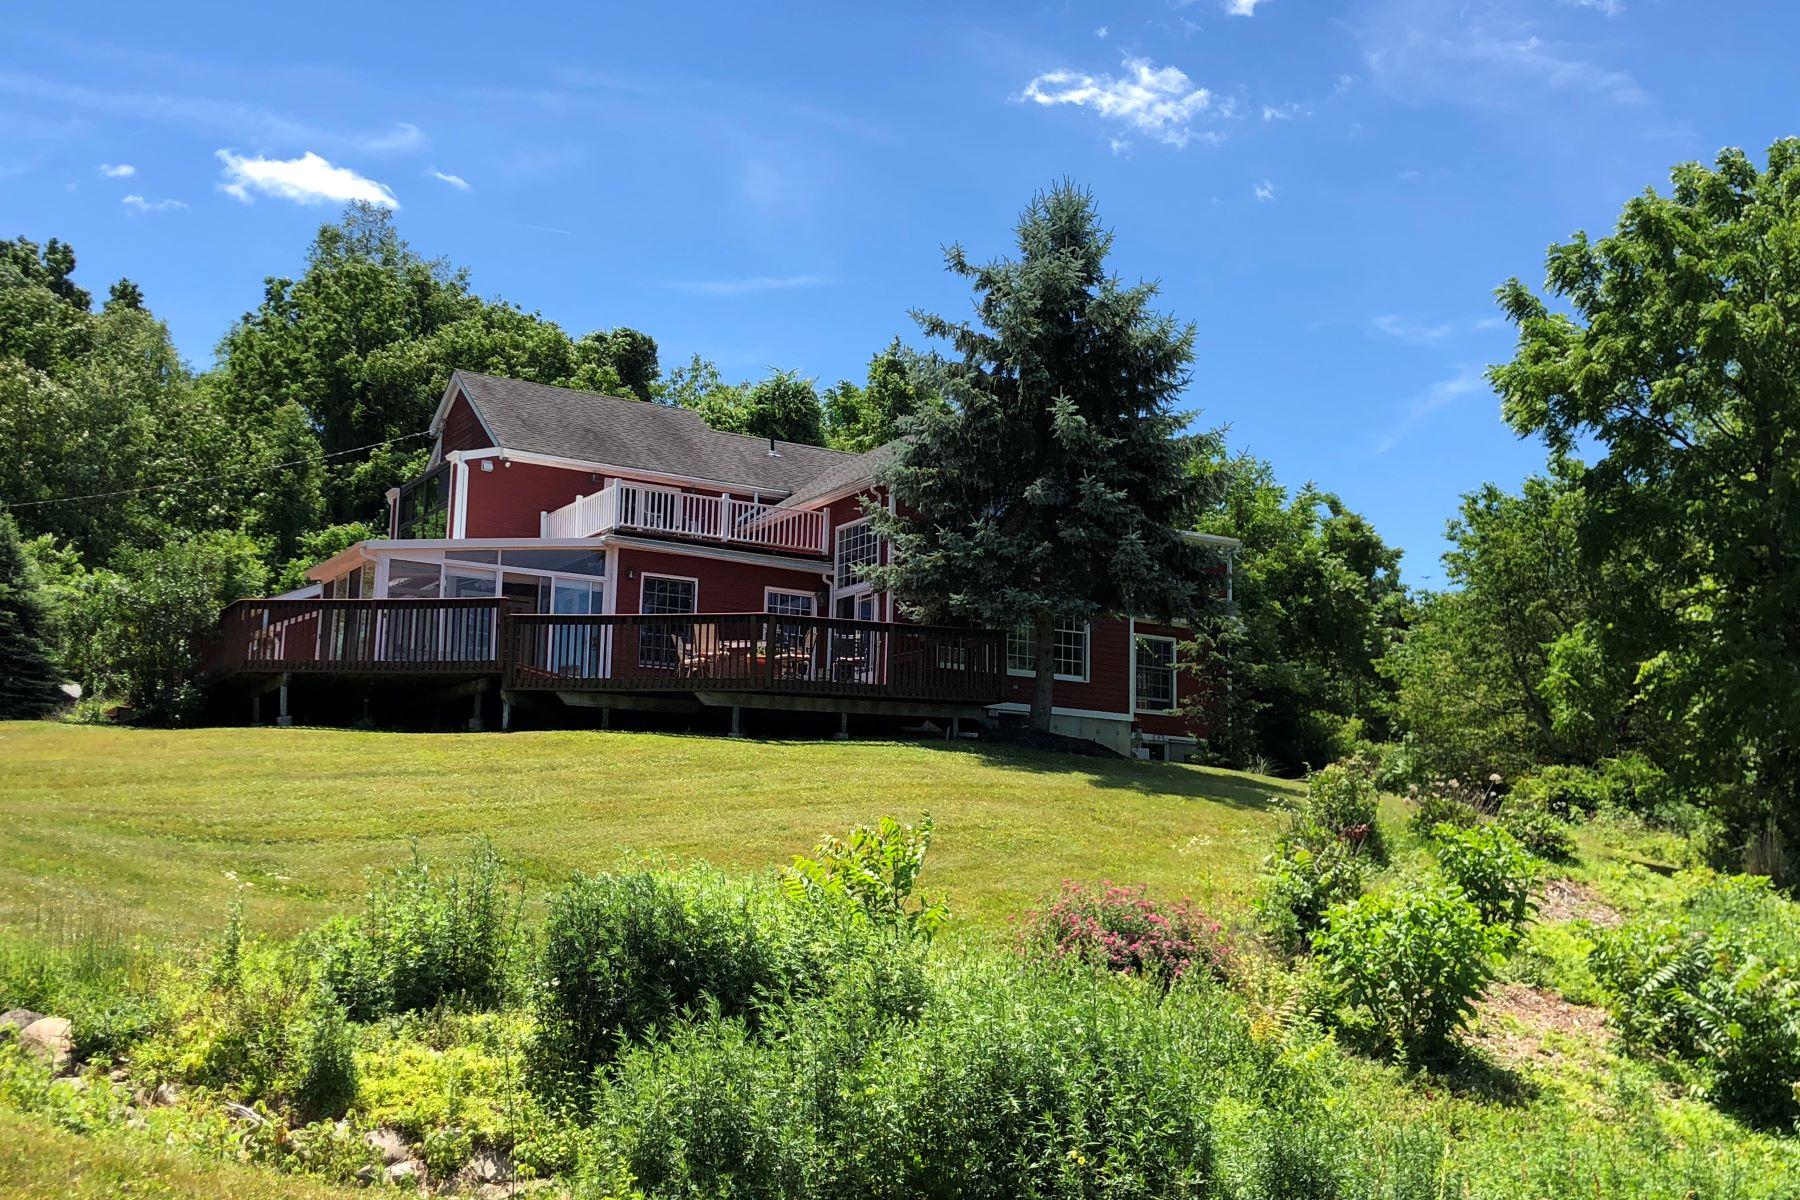 Casa Unifamiliar por un Venta en Deer Valley Farm - Sale Pending 52 Kain Road Warwick, Nueva York 10990 Estados Unidos